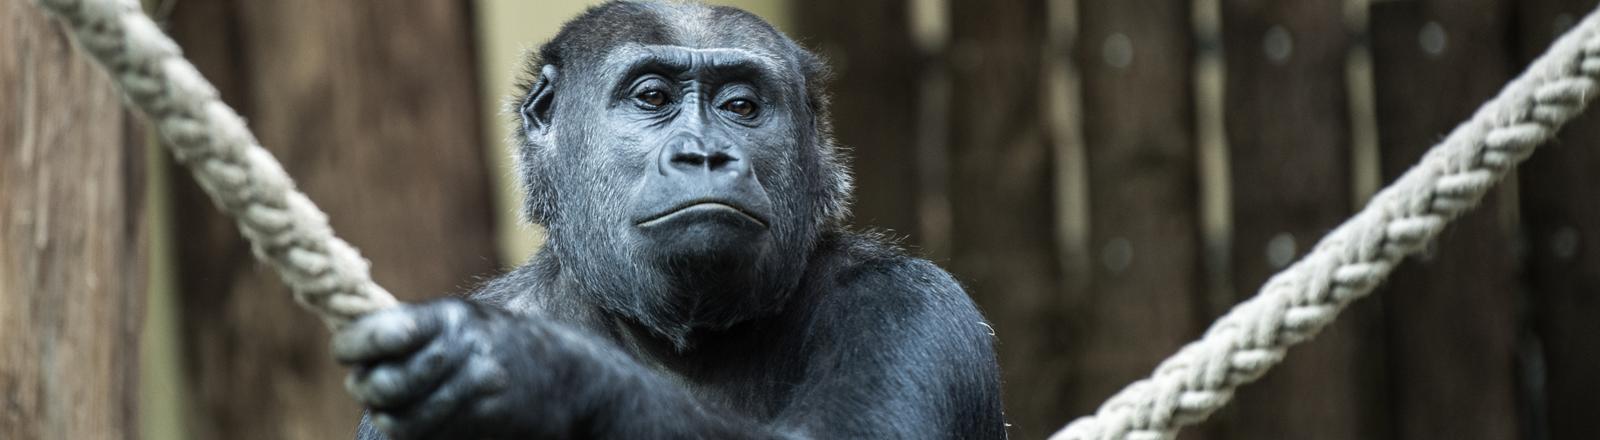 Gorilla mit einem Seil